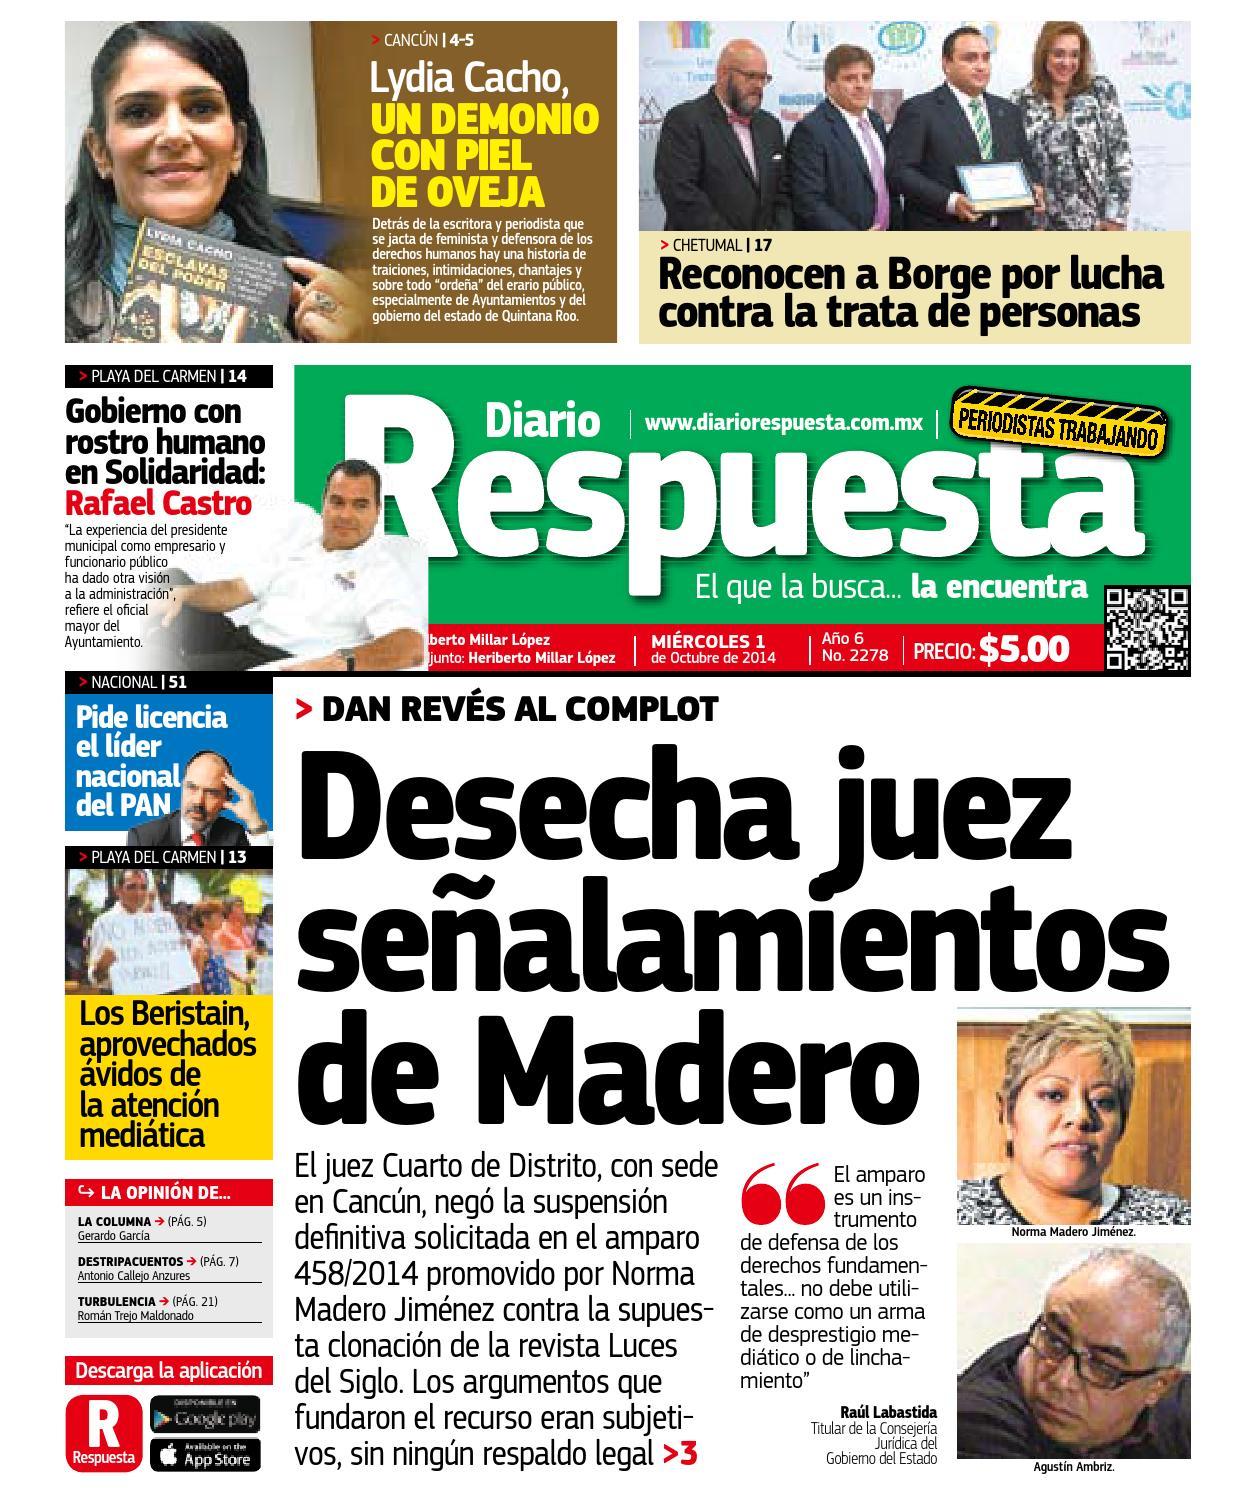 Respuesta 1 octubre 2014 by Diario Respuesta - issuu